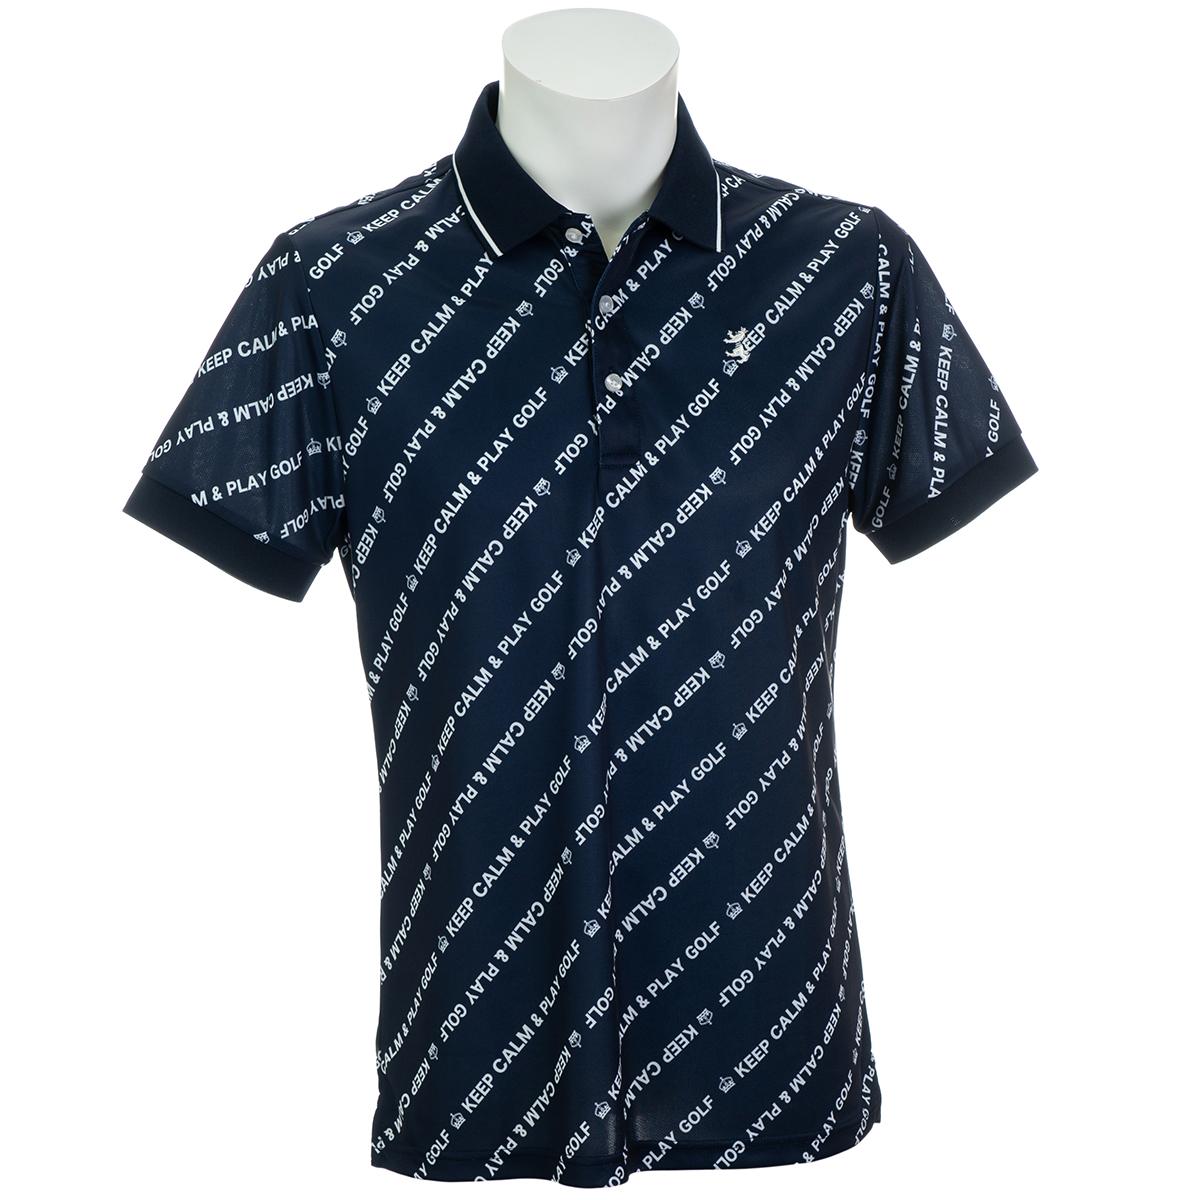 バイアスメッセージ 半袖ポロシャツ